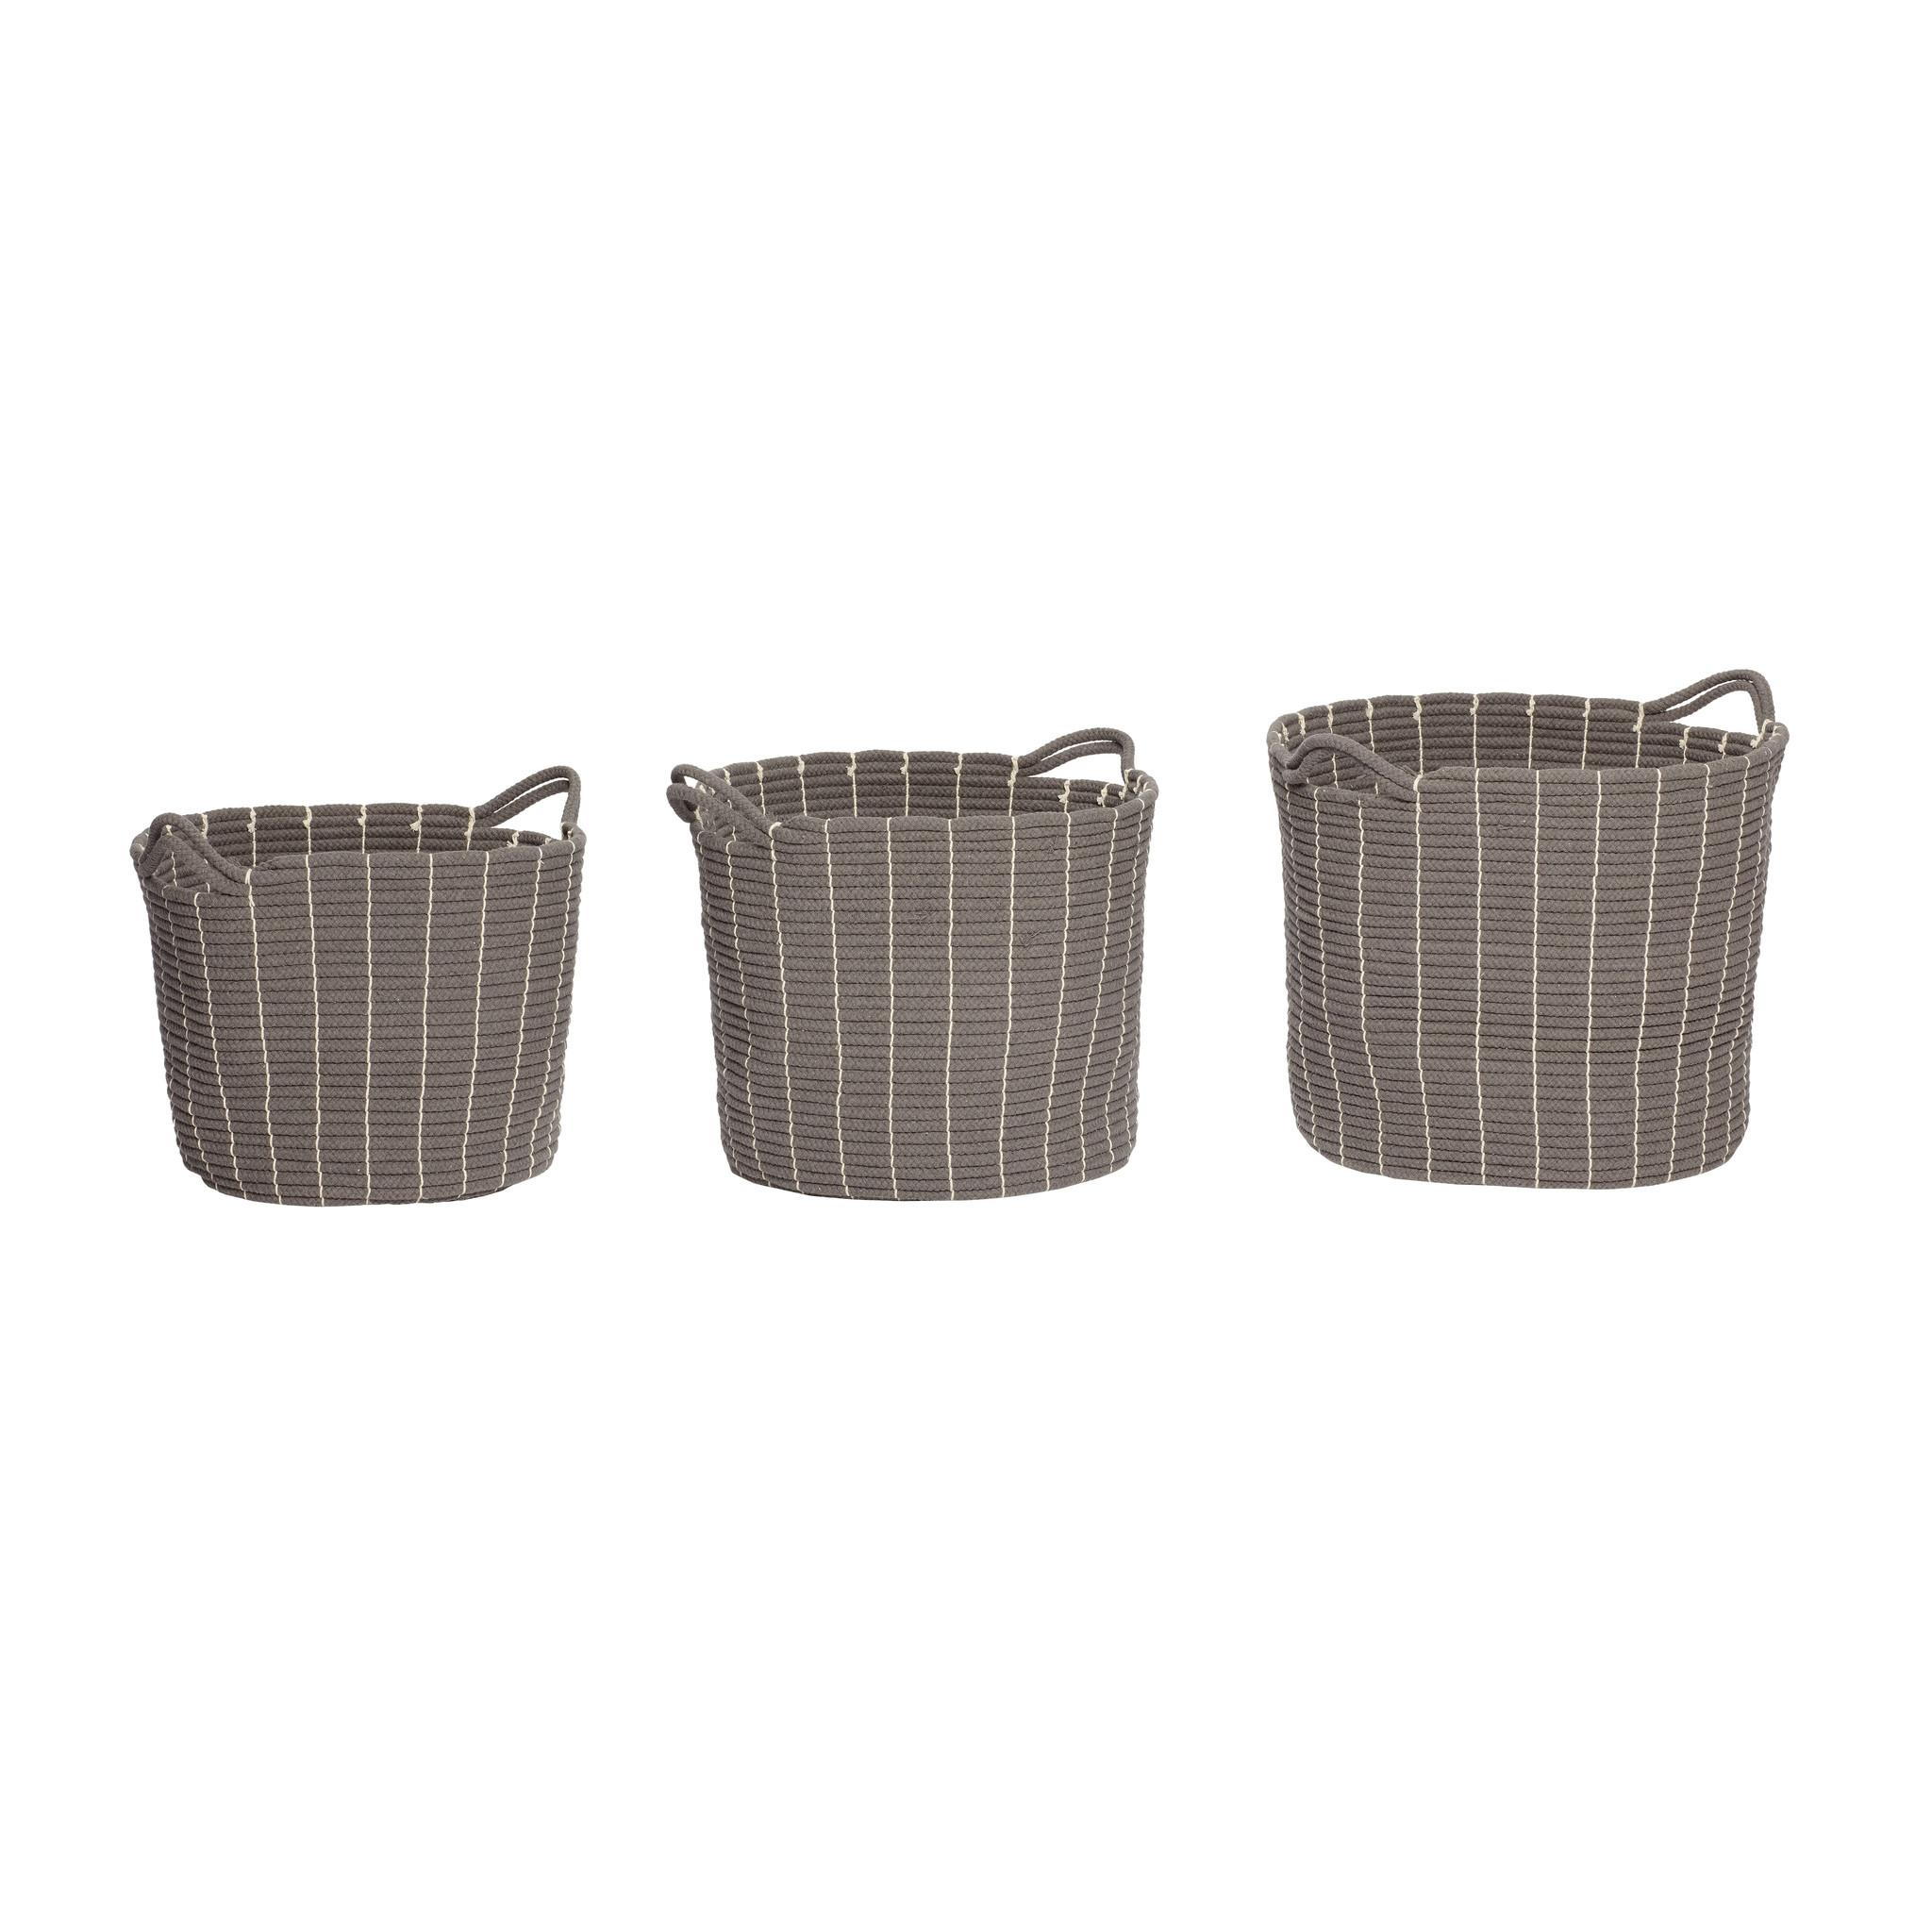 Hubsch Mand met handvat, rond, katoen, grijs, set van 3-360205-5712772051238